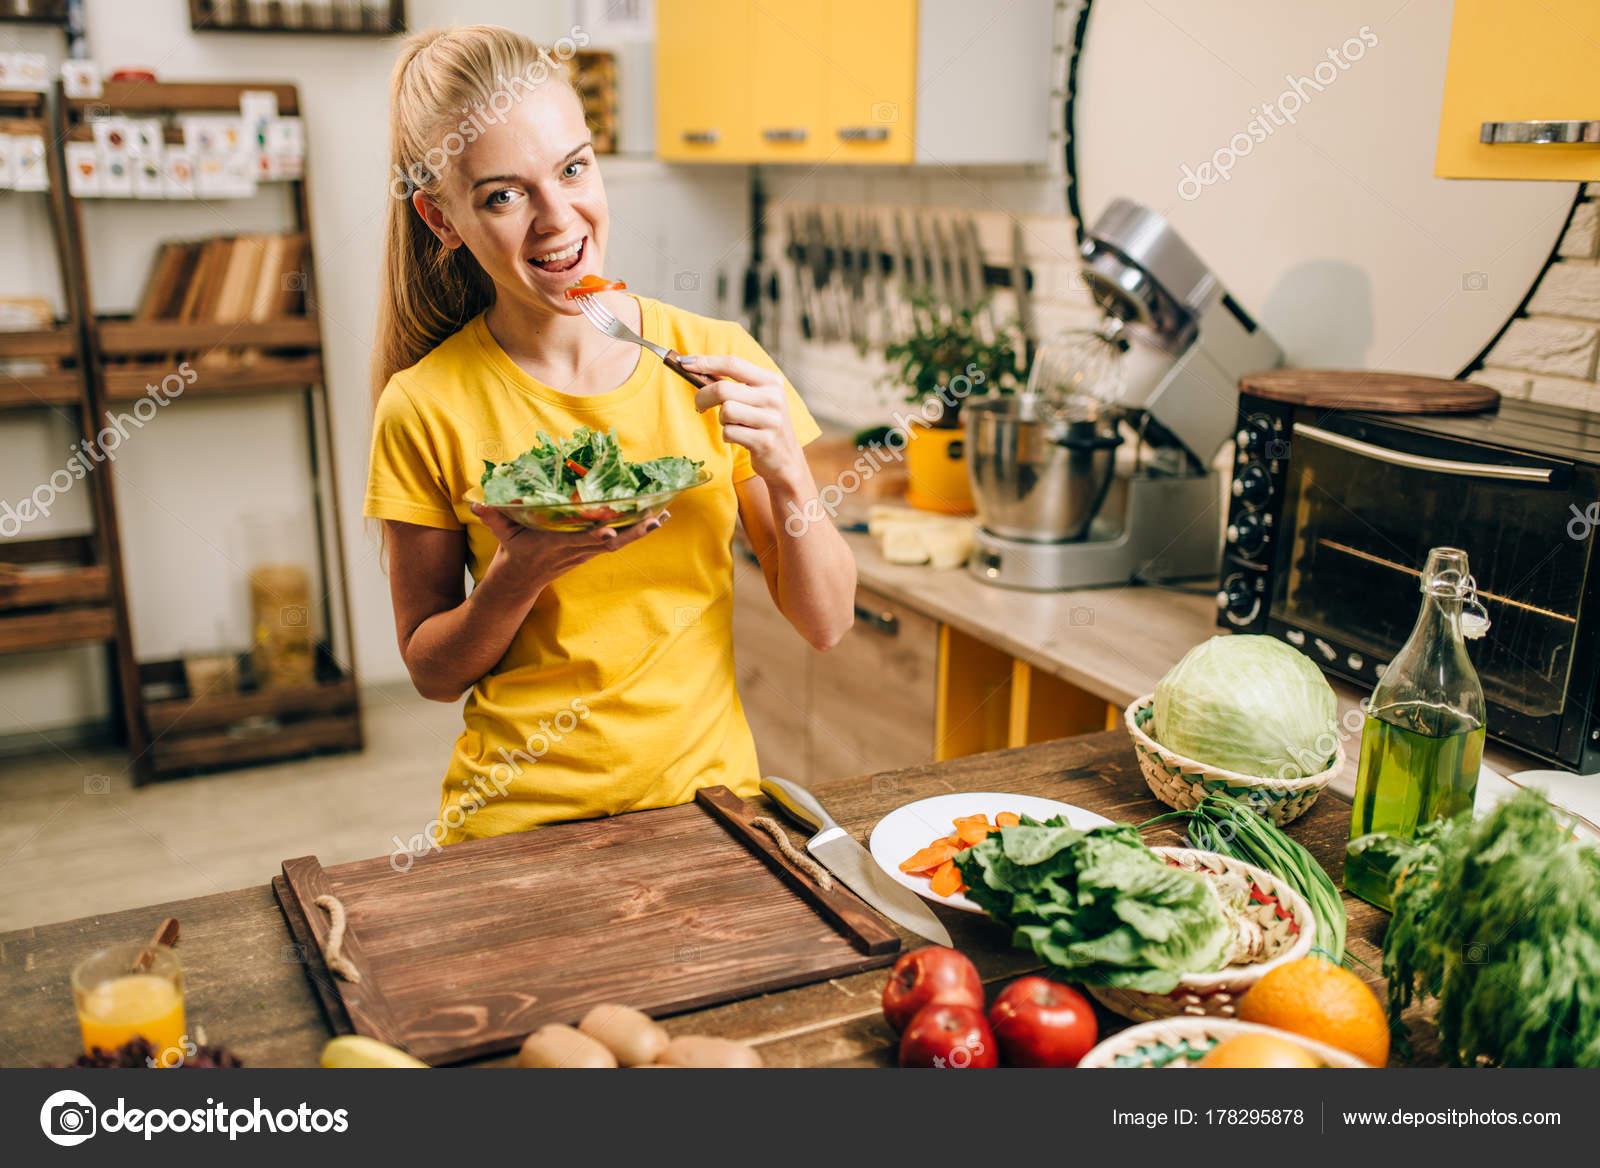 gl ckliche frau essen salat k che gesunde bio essen kochen vegetarische stockfoto nomadsoul1. Black Bedroom Furniture Sets. Home Design Ideas